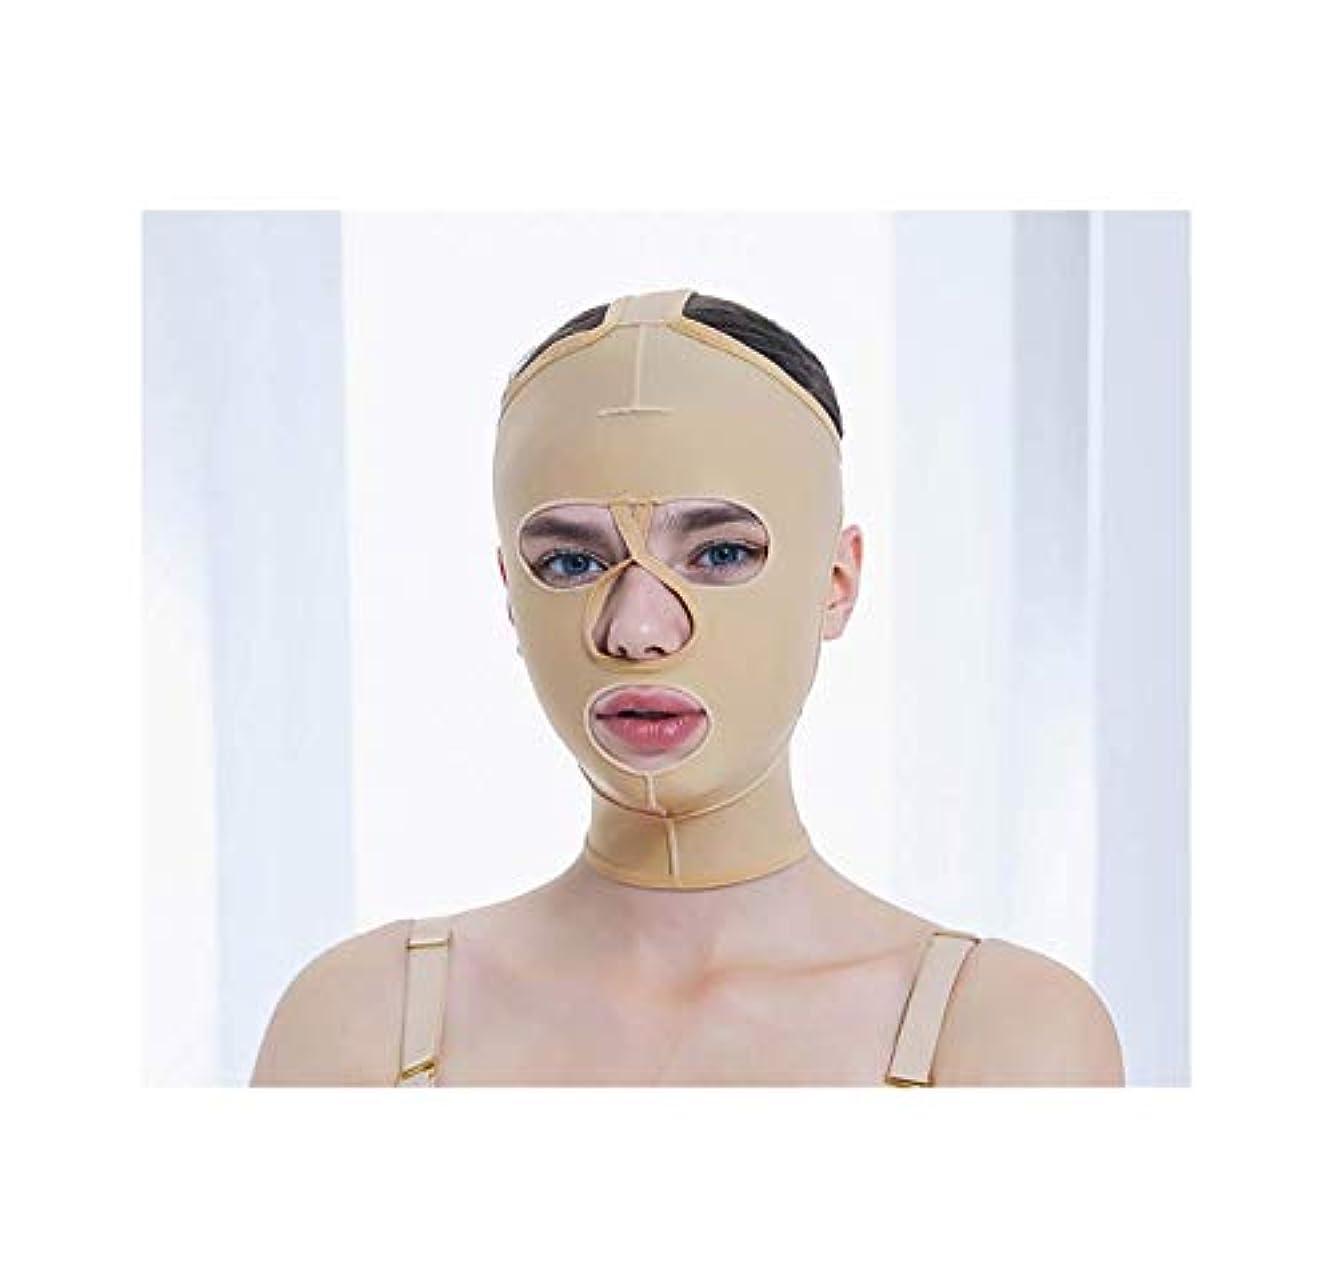 利用可能ページバーゲンフェイス&ネックリフト、減量フェイスマスク脂肪吸引術脂肪吸引整形マスクフードフェイスリフティングアーティファクトVフェイスビームフェイス弾性スリーブ(サイズ:XS),S